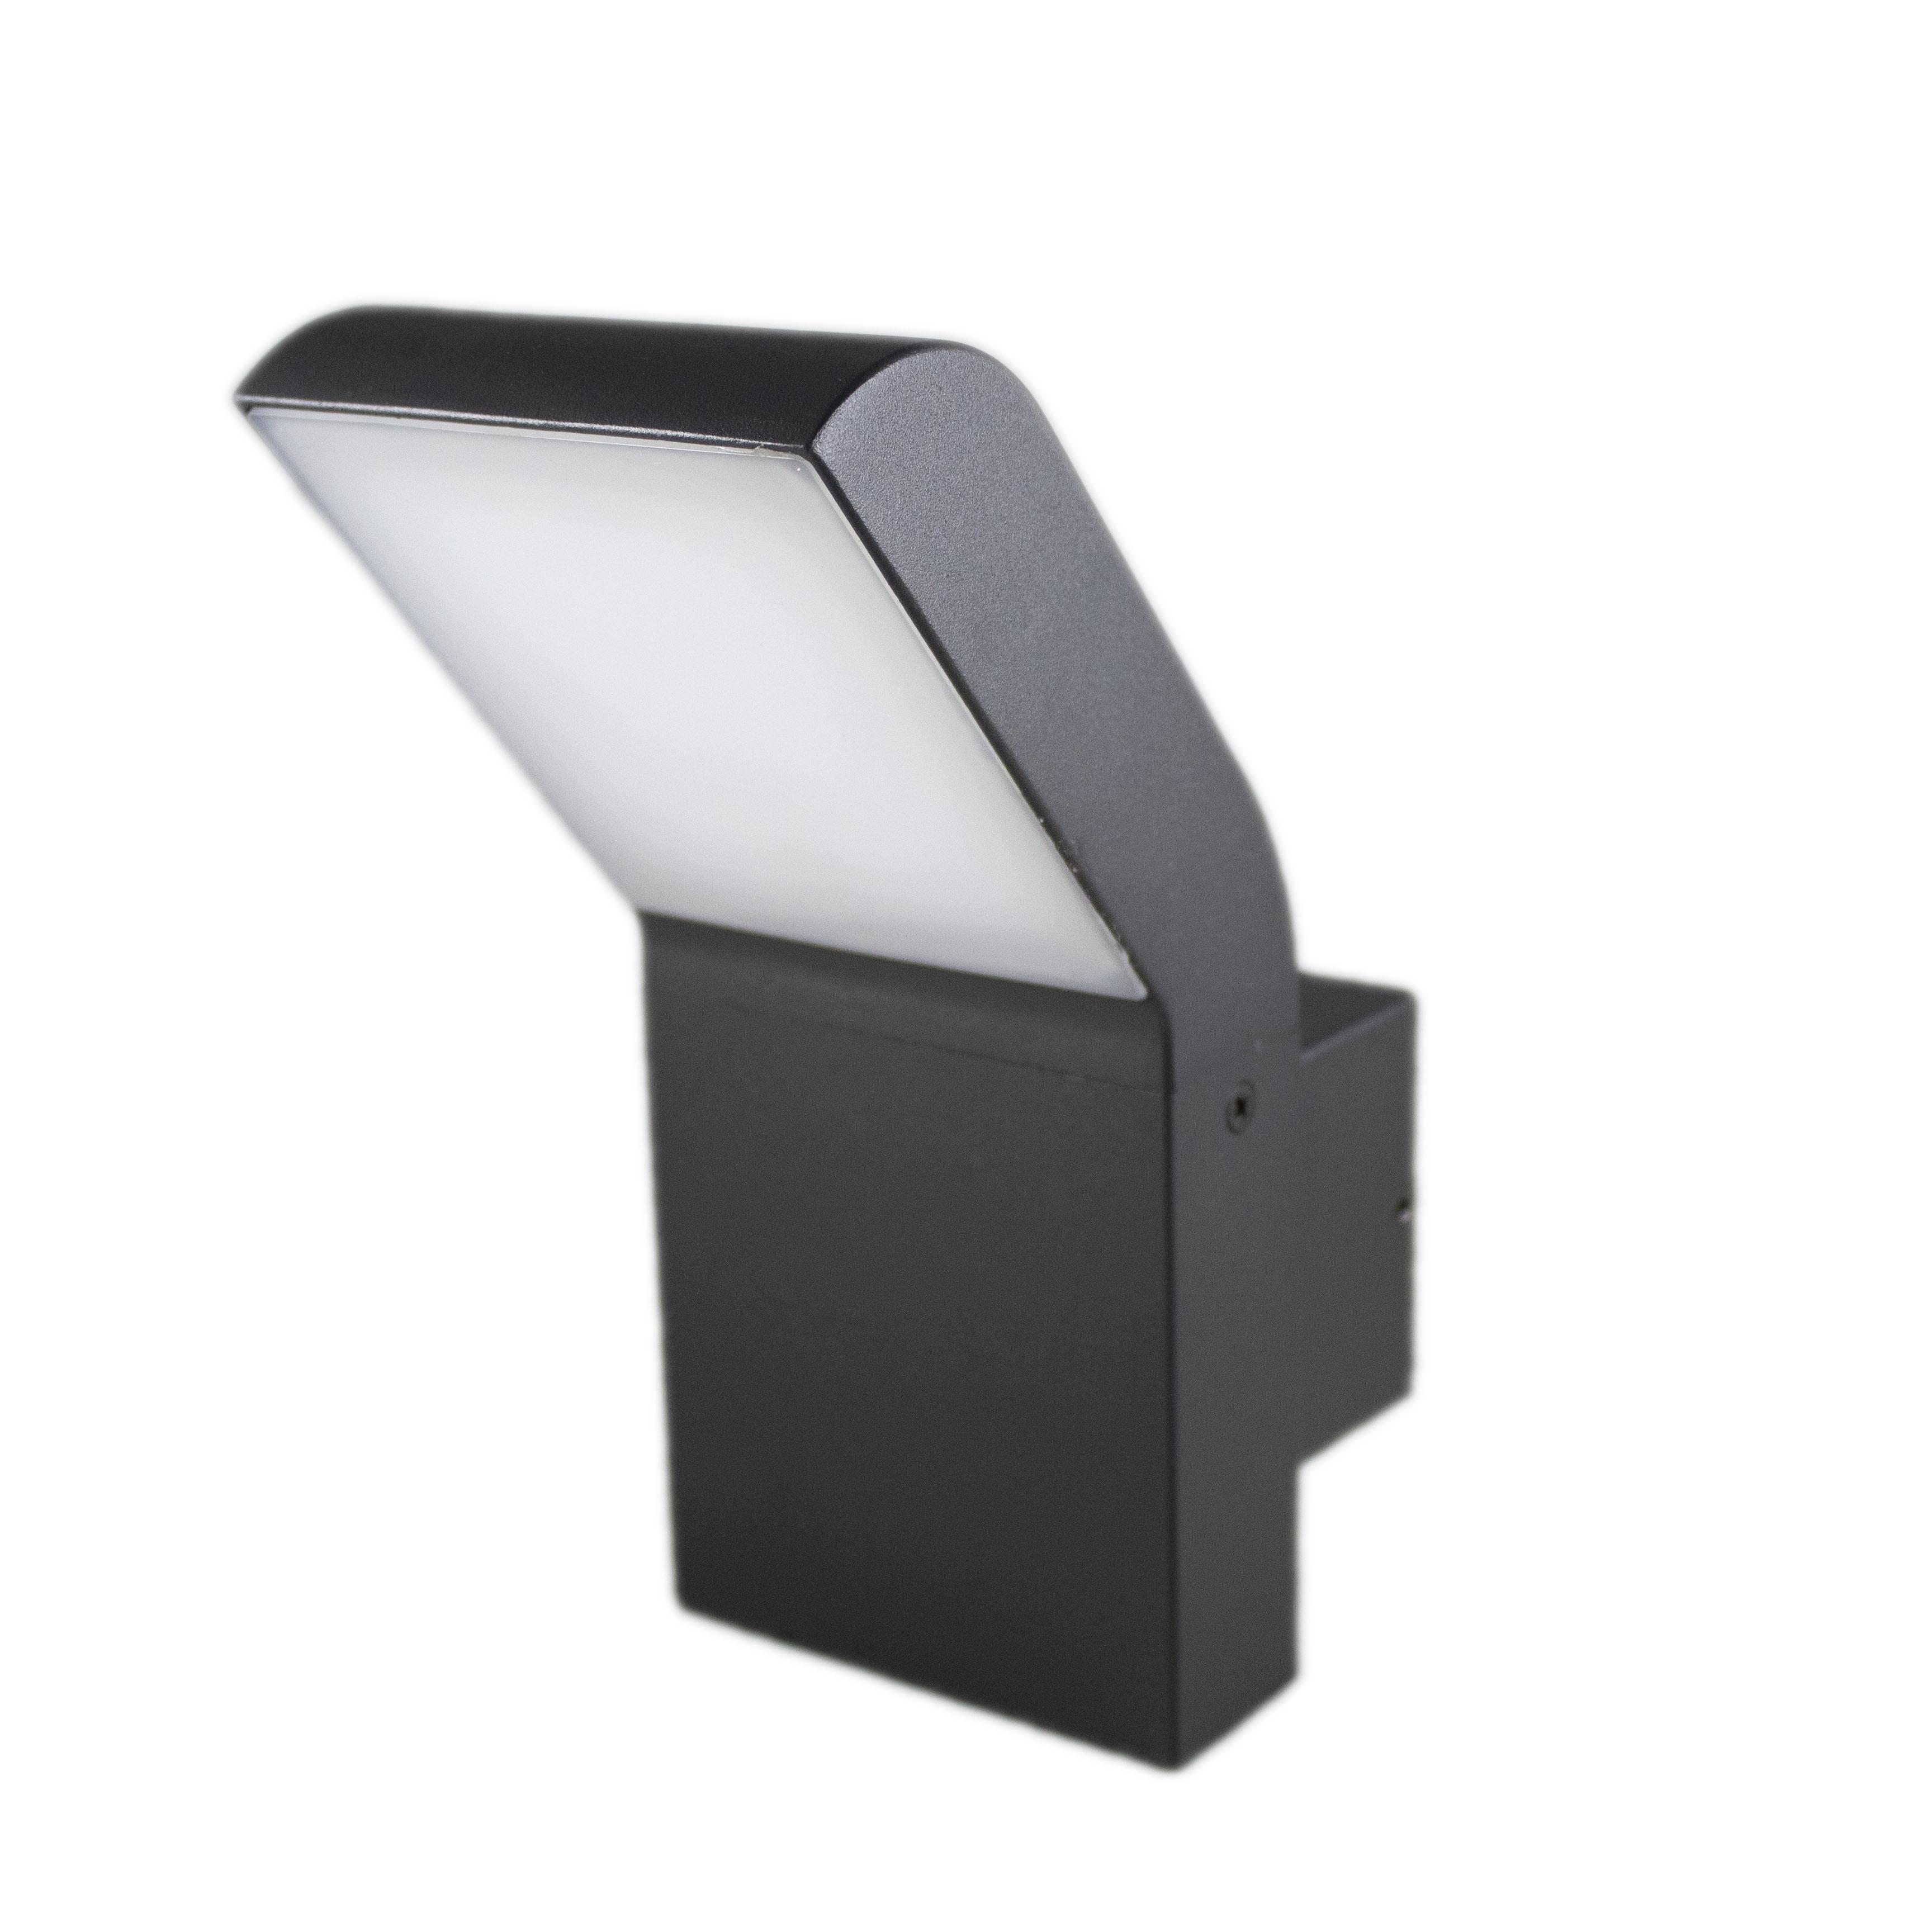 Wandlamp buiten 12 watt 4000K - naturel wit - zijaanzicht rechts